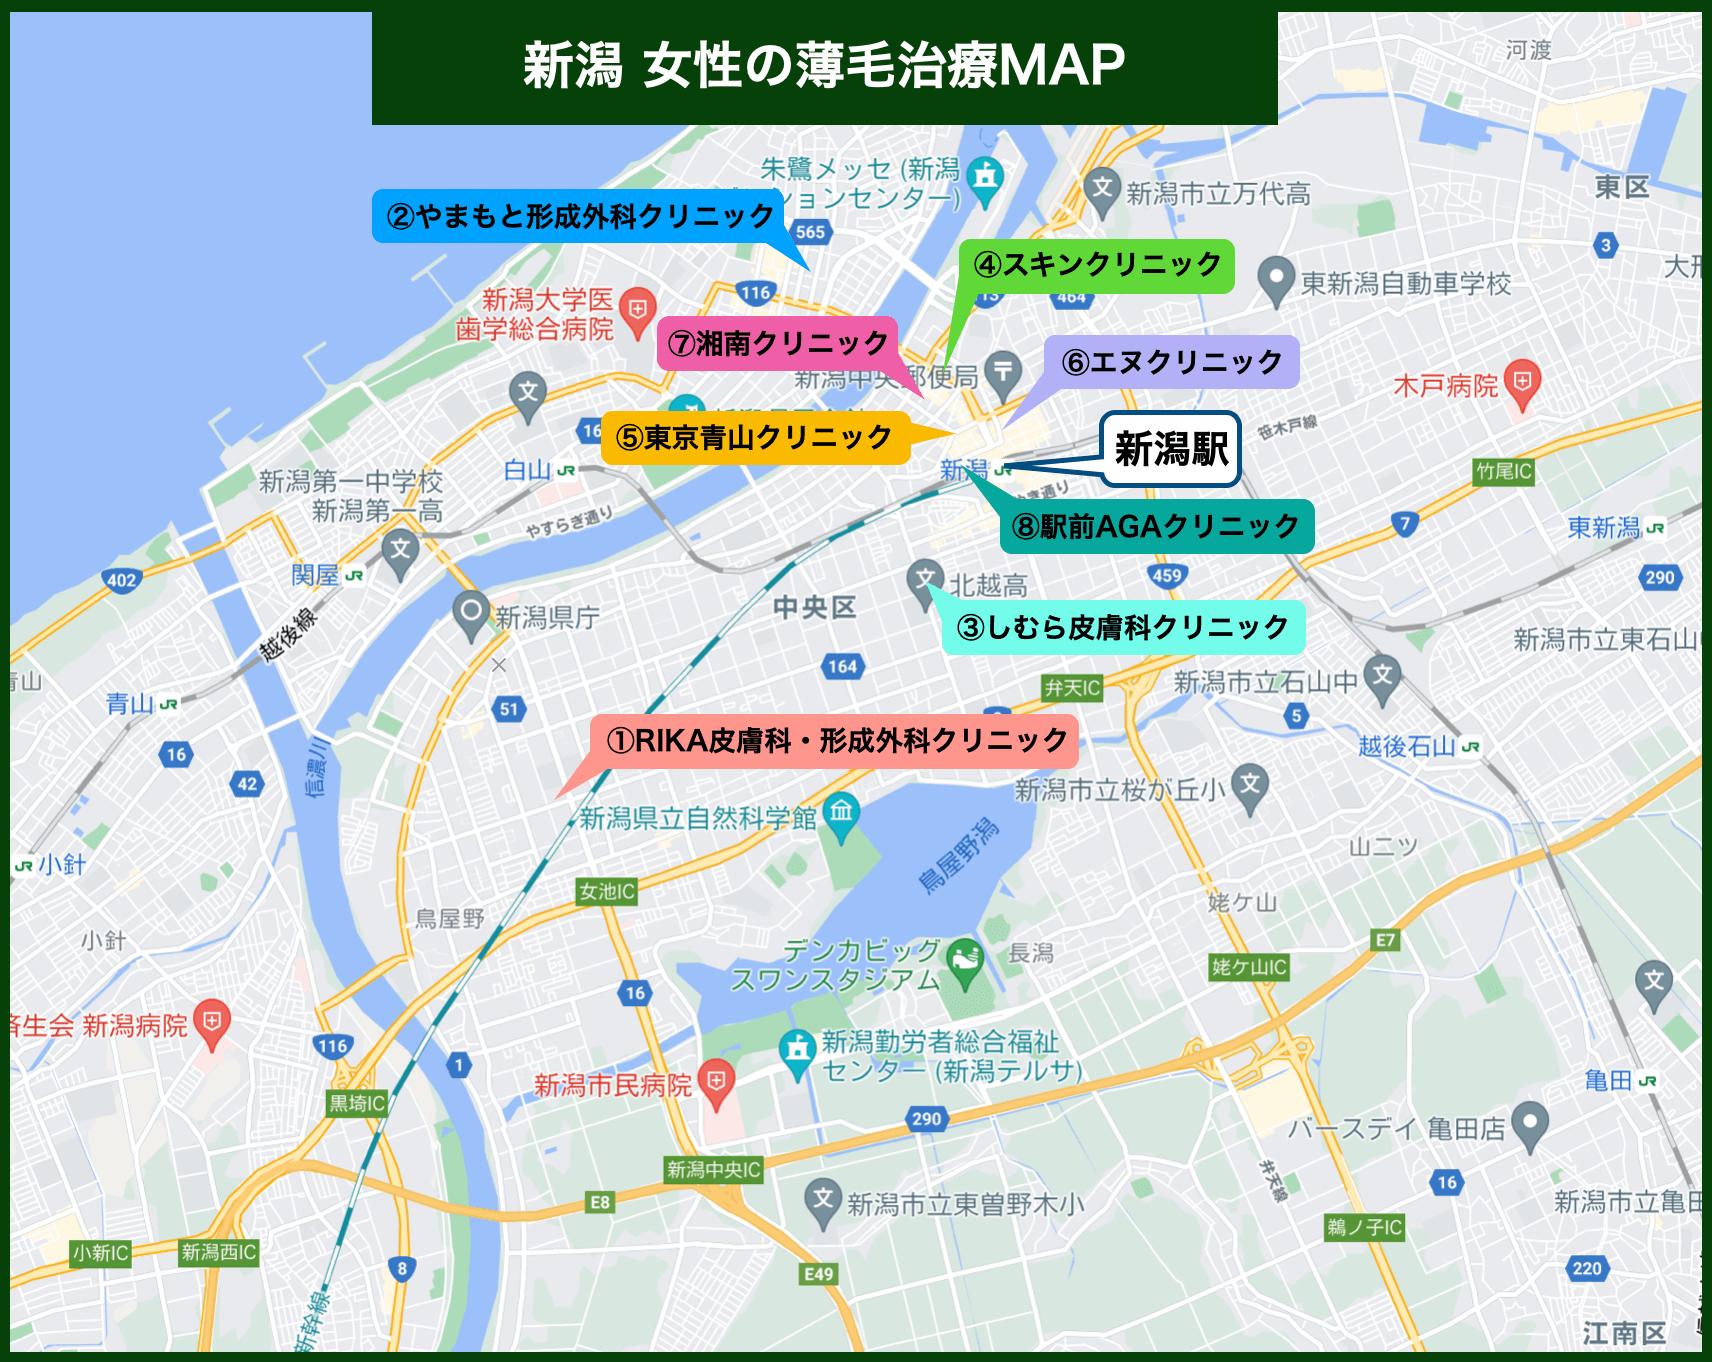 新潟女性の薄毛MAP